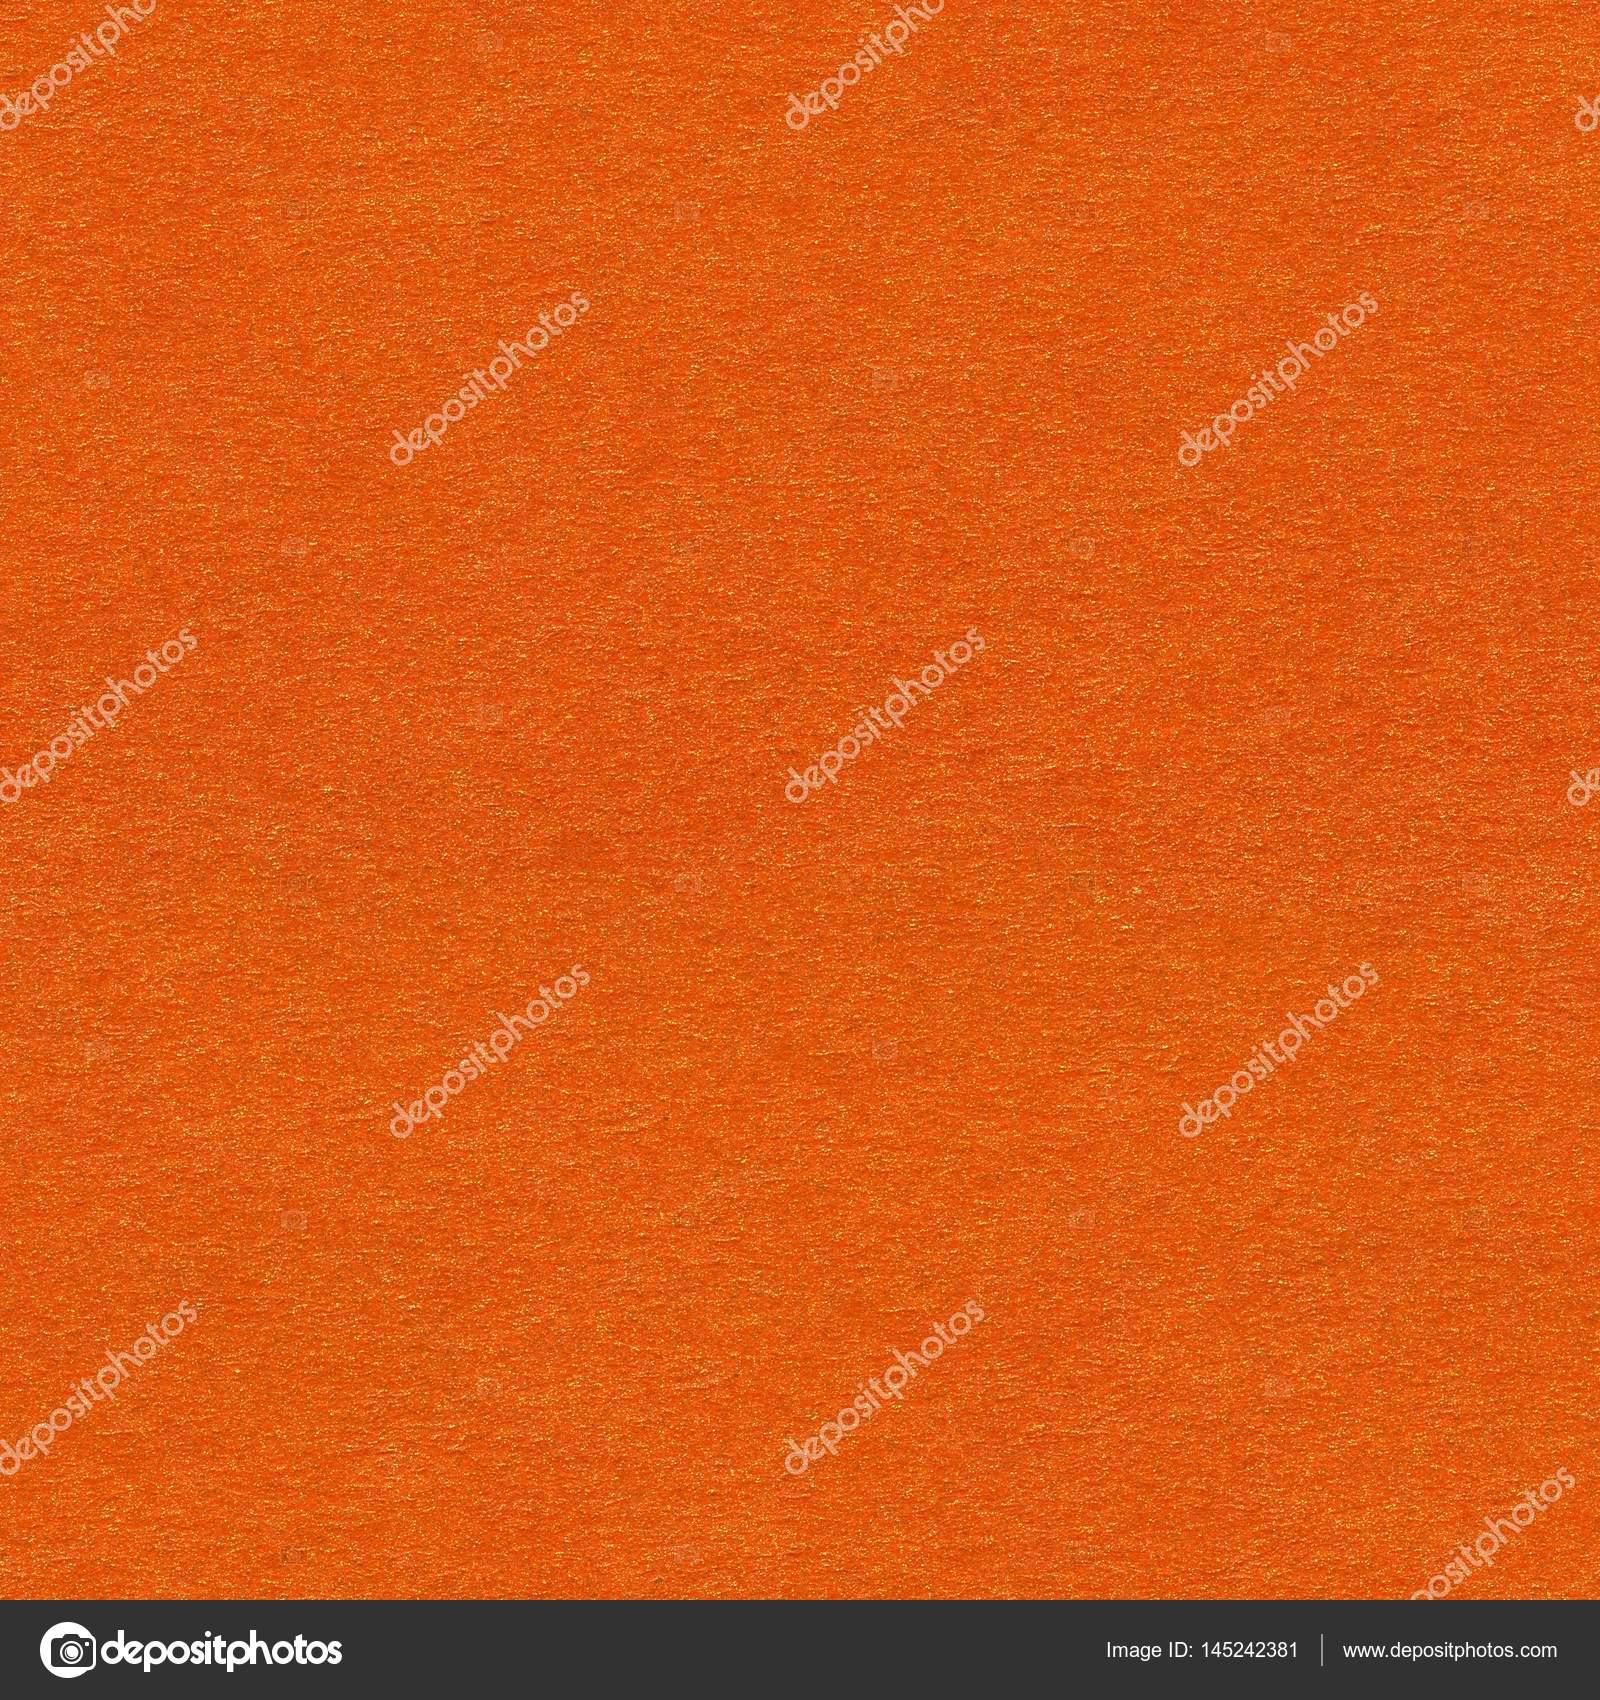 オレンジ色の抽象的な背景黄色光のコーナーのスポット ライトです